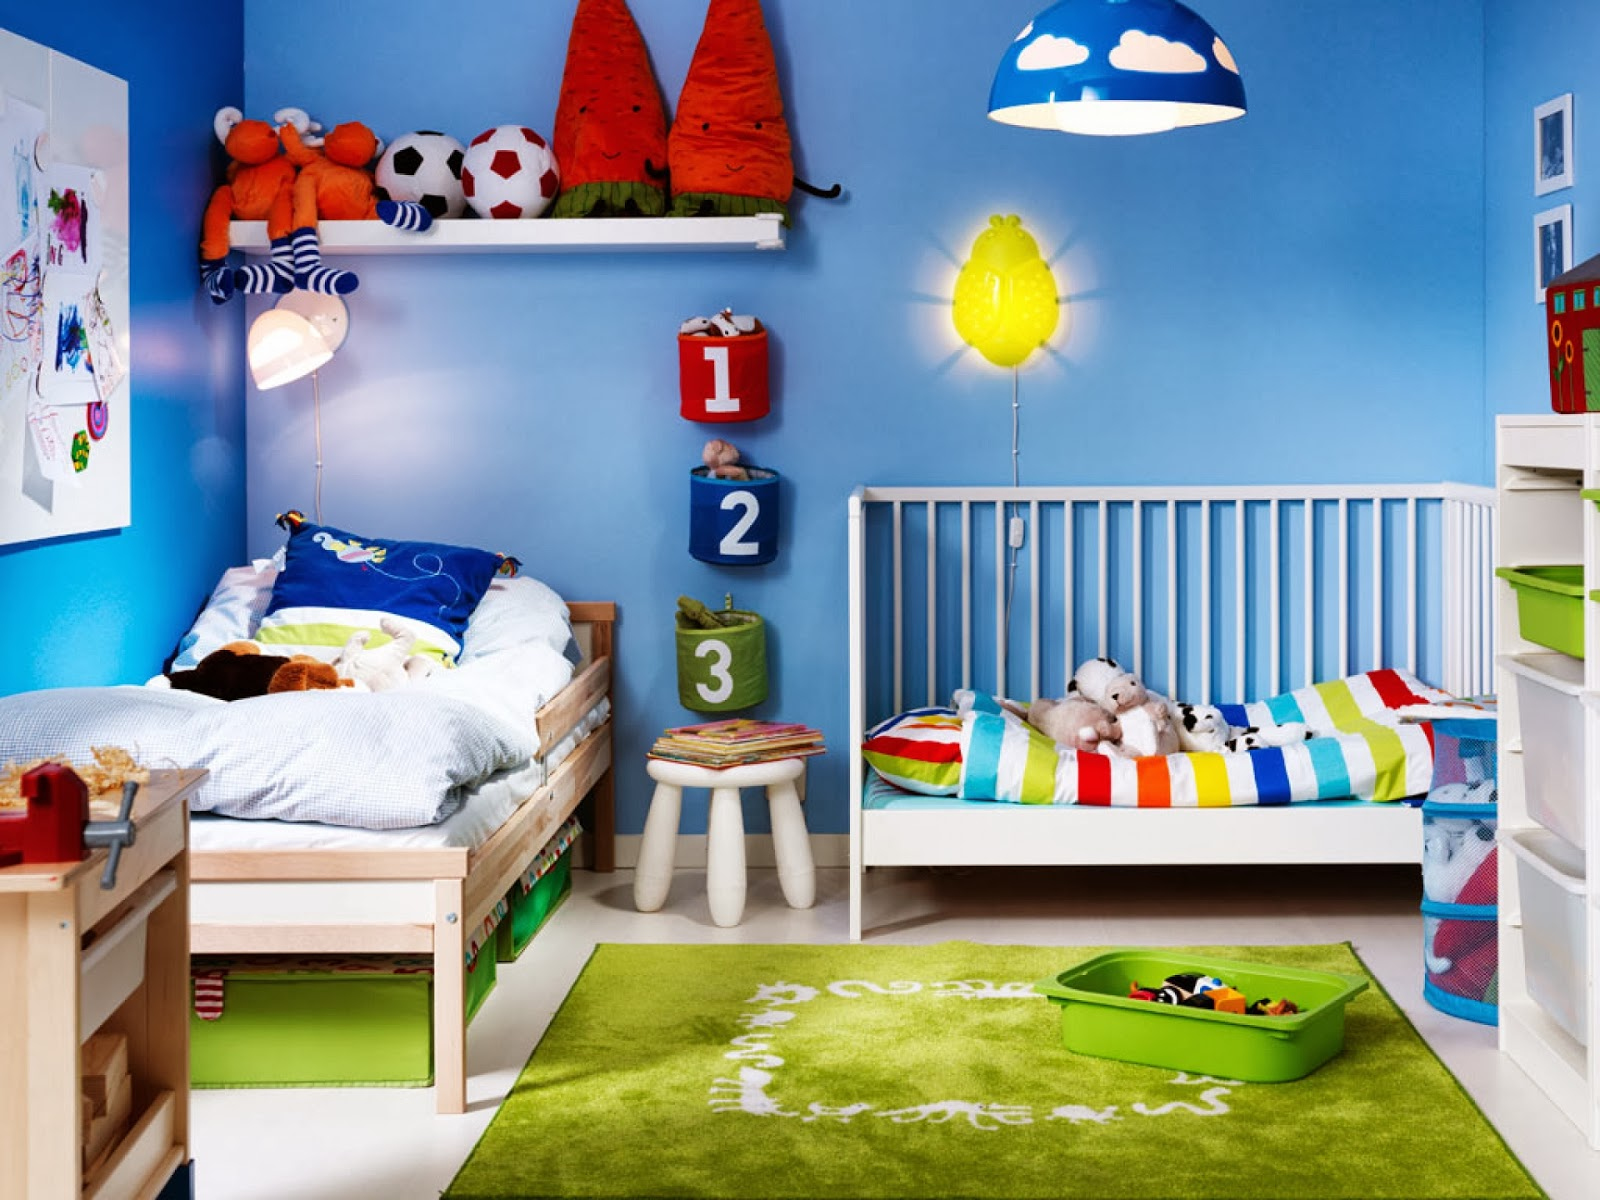 buy kids bedroom sets online at overstockcom our best - HD1024×768